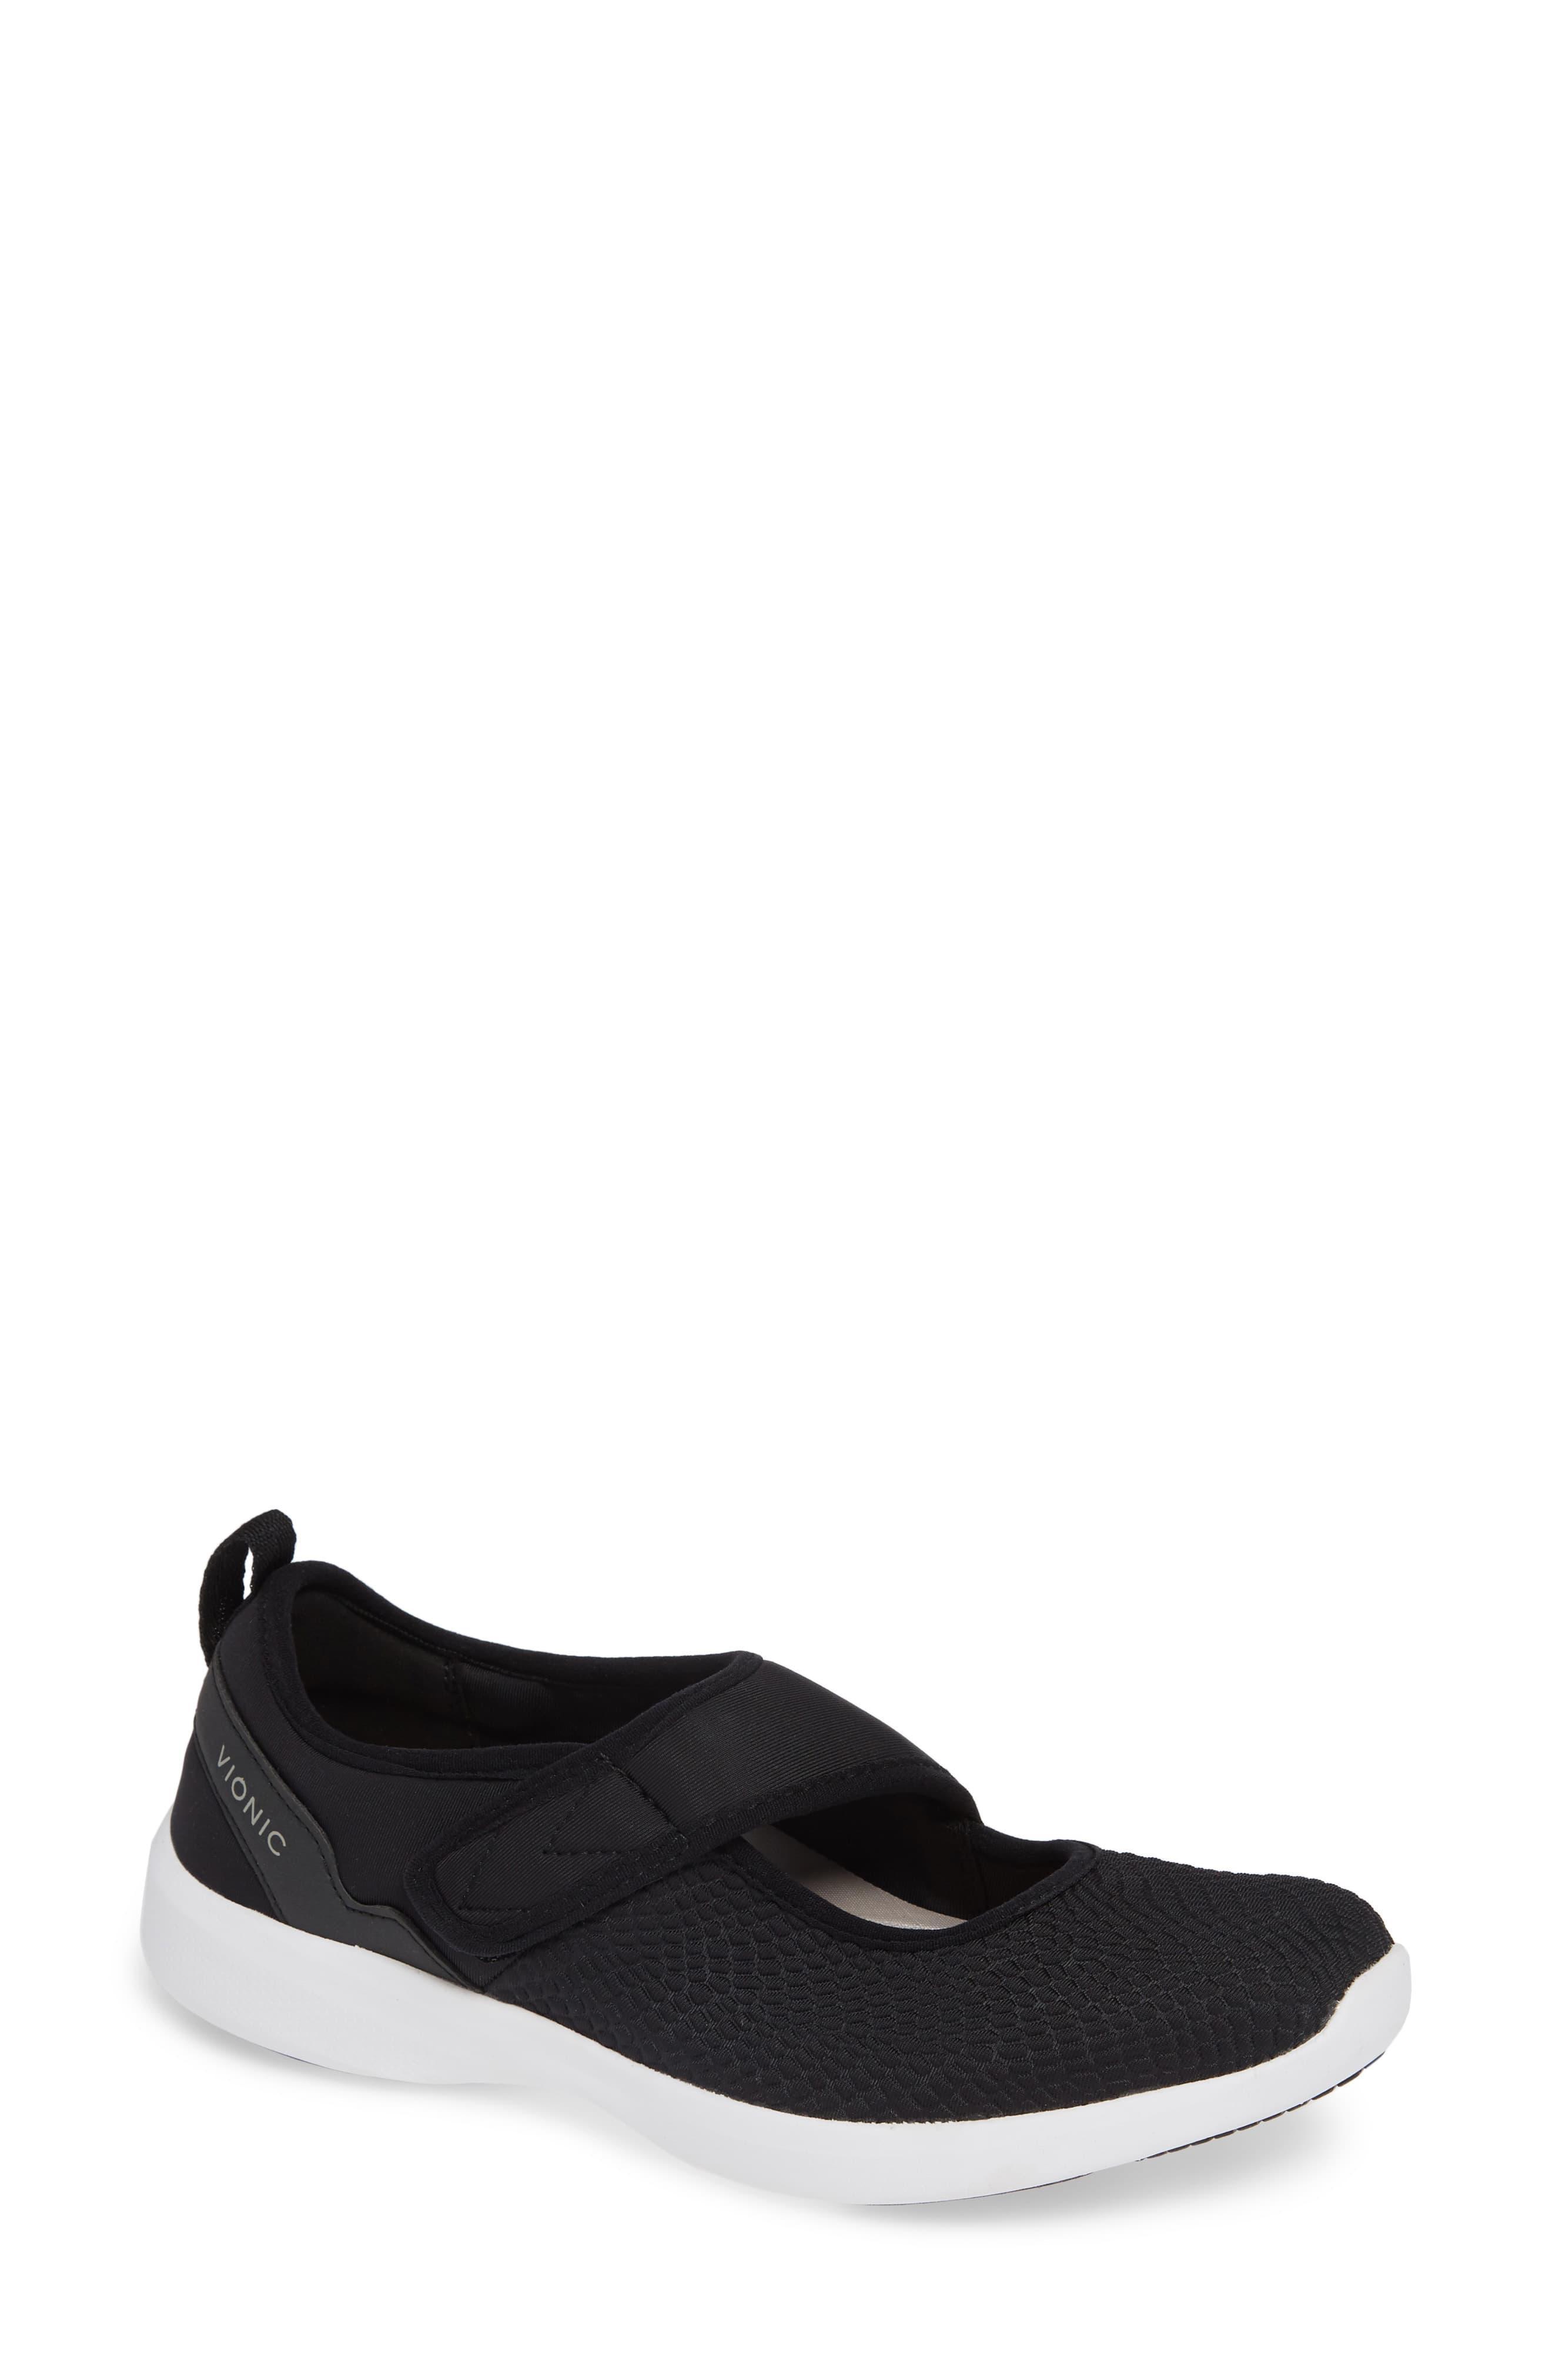 Vionic Sonnet Sneaker in Black - Lyst